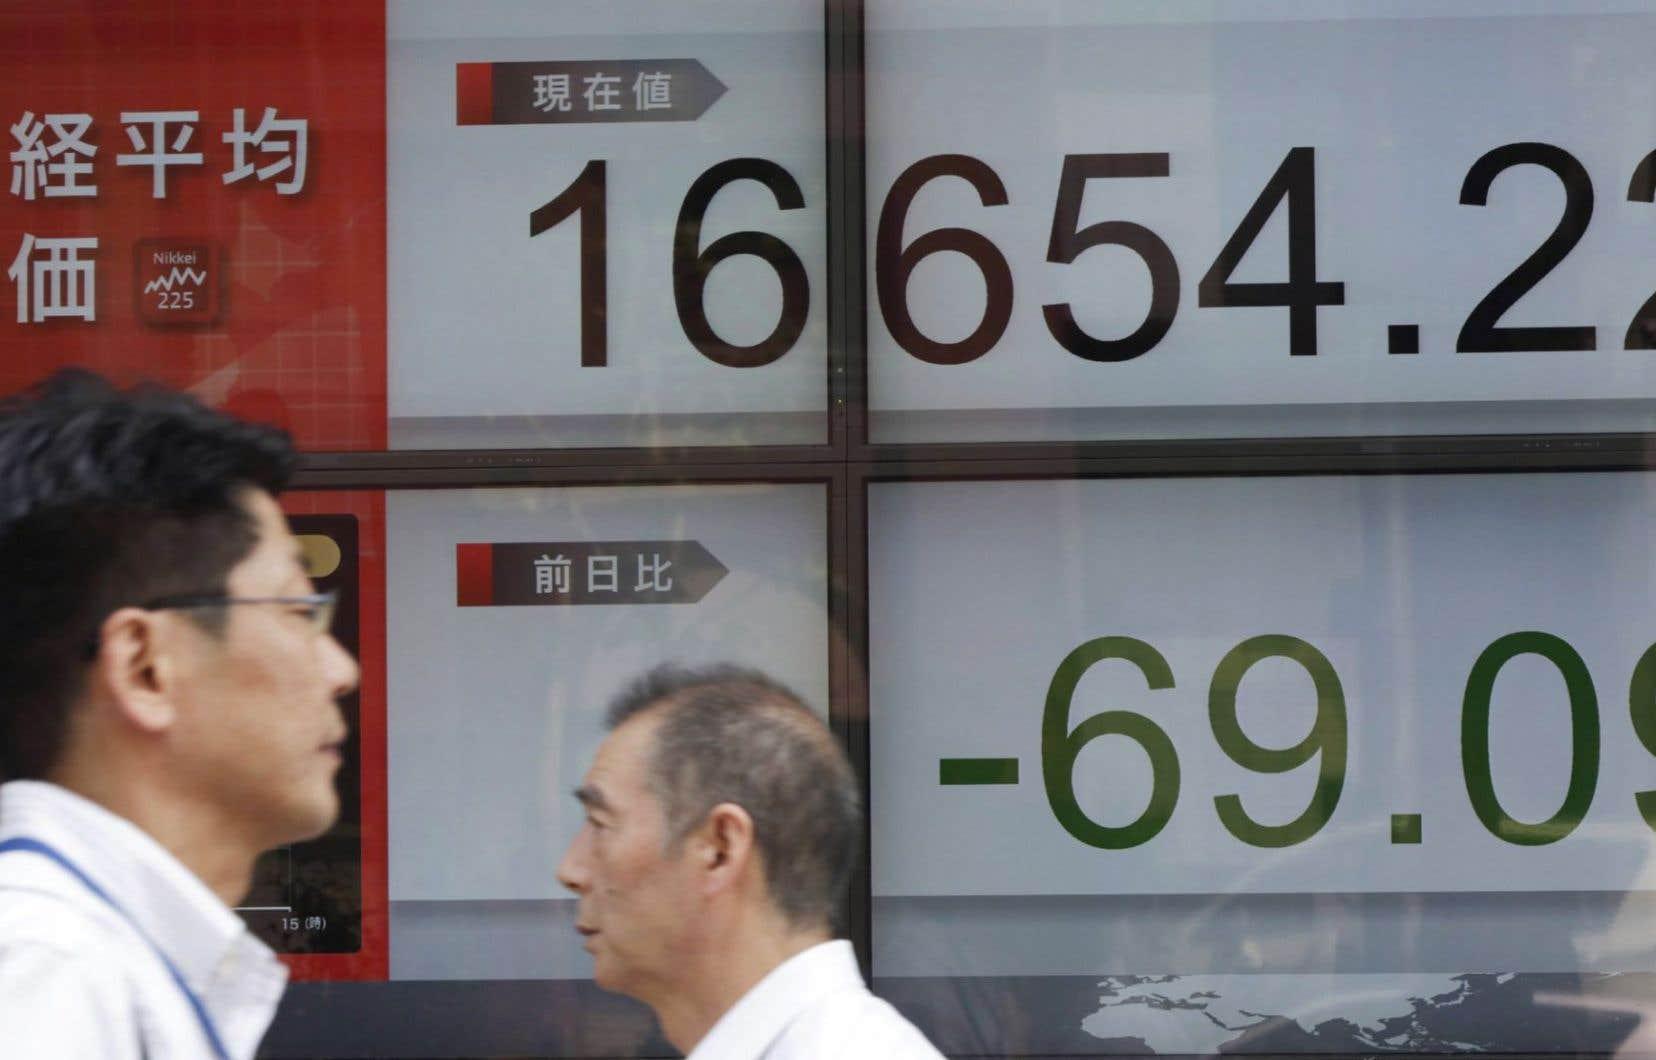 Le Japon ne peut plus compter sur son moteur de croissance historique, les exportations, qui ont chuté de 1,5% sur la période passée en revue dans un contexte de ralentissement de la Chine et des autres marchés émergents d'Asie.